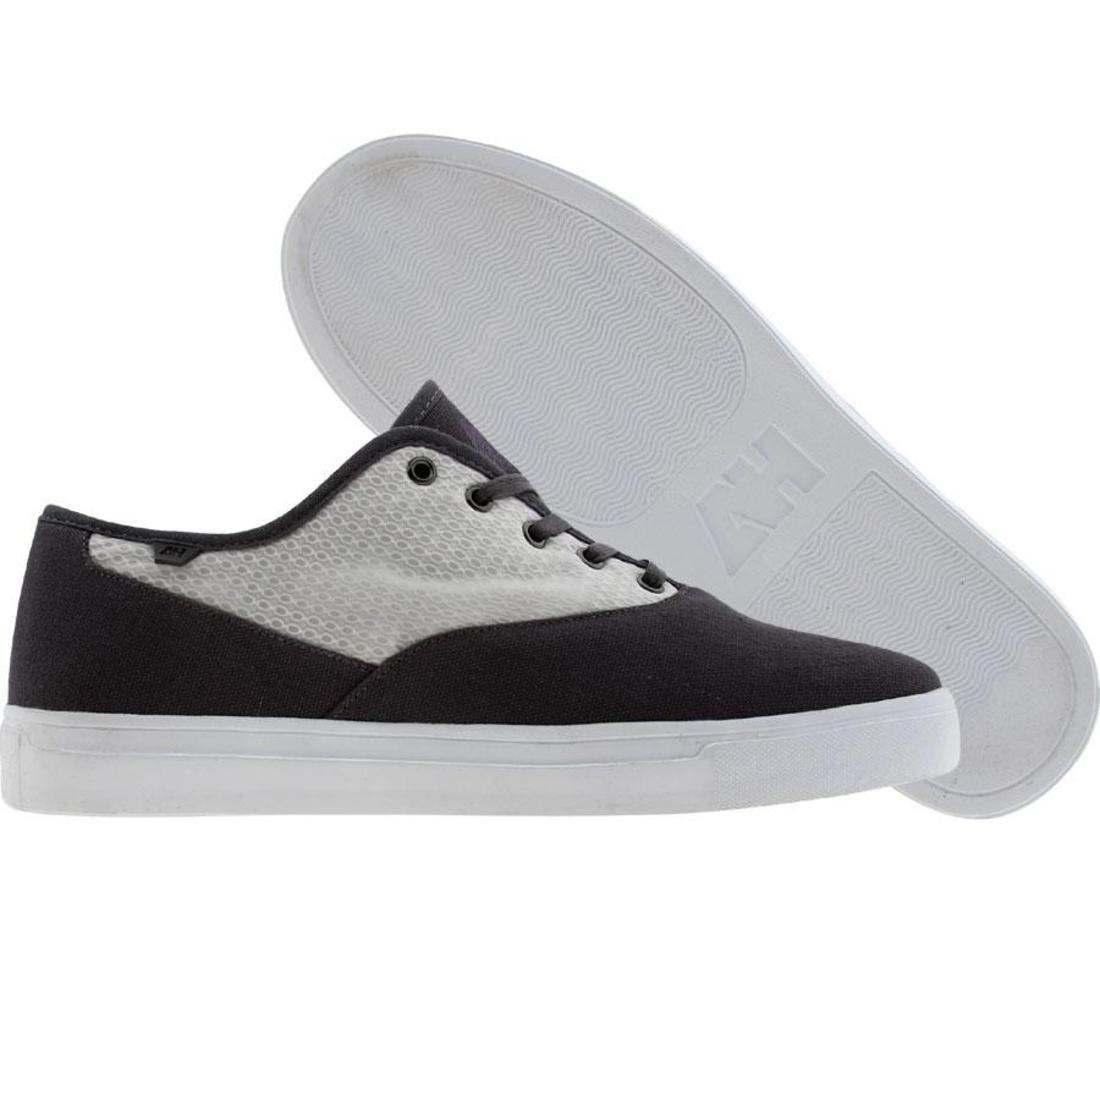 【海外限定】スニーカー メンズ靴 【 AH BY ANDROID HOMME DRIFT GREY WHITE 】